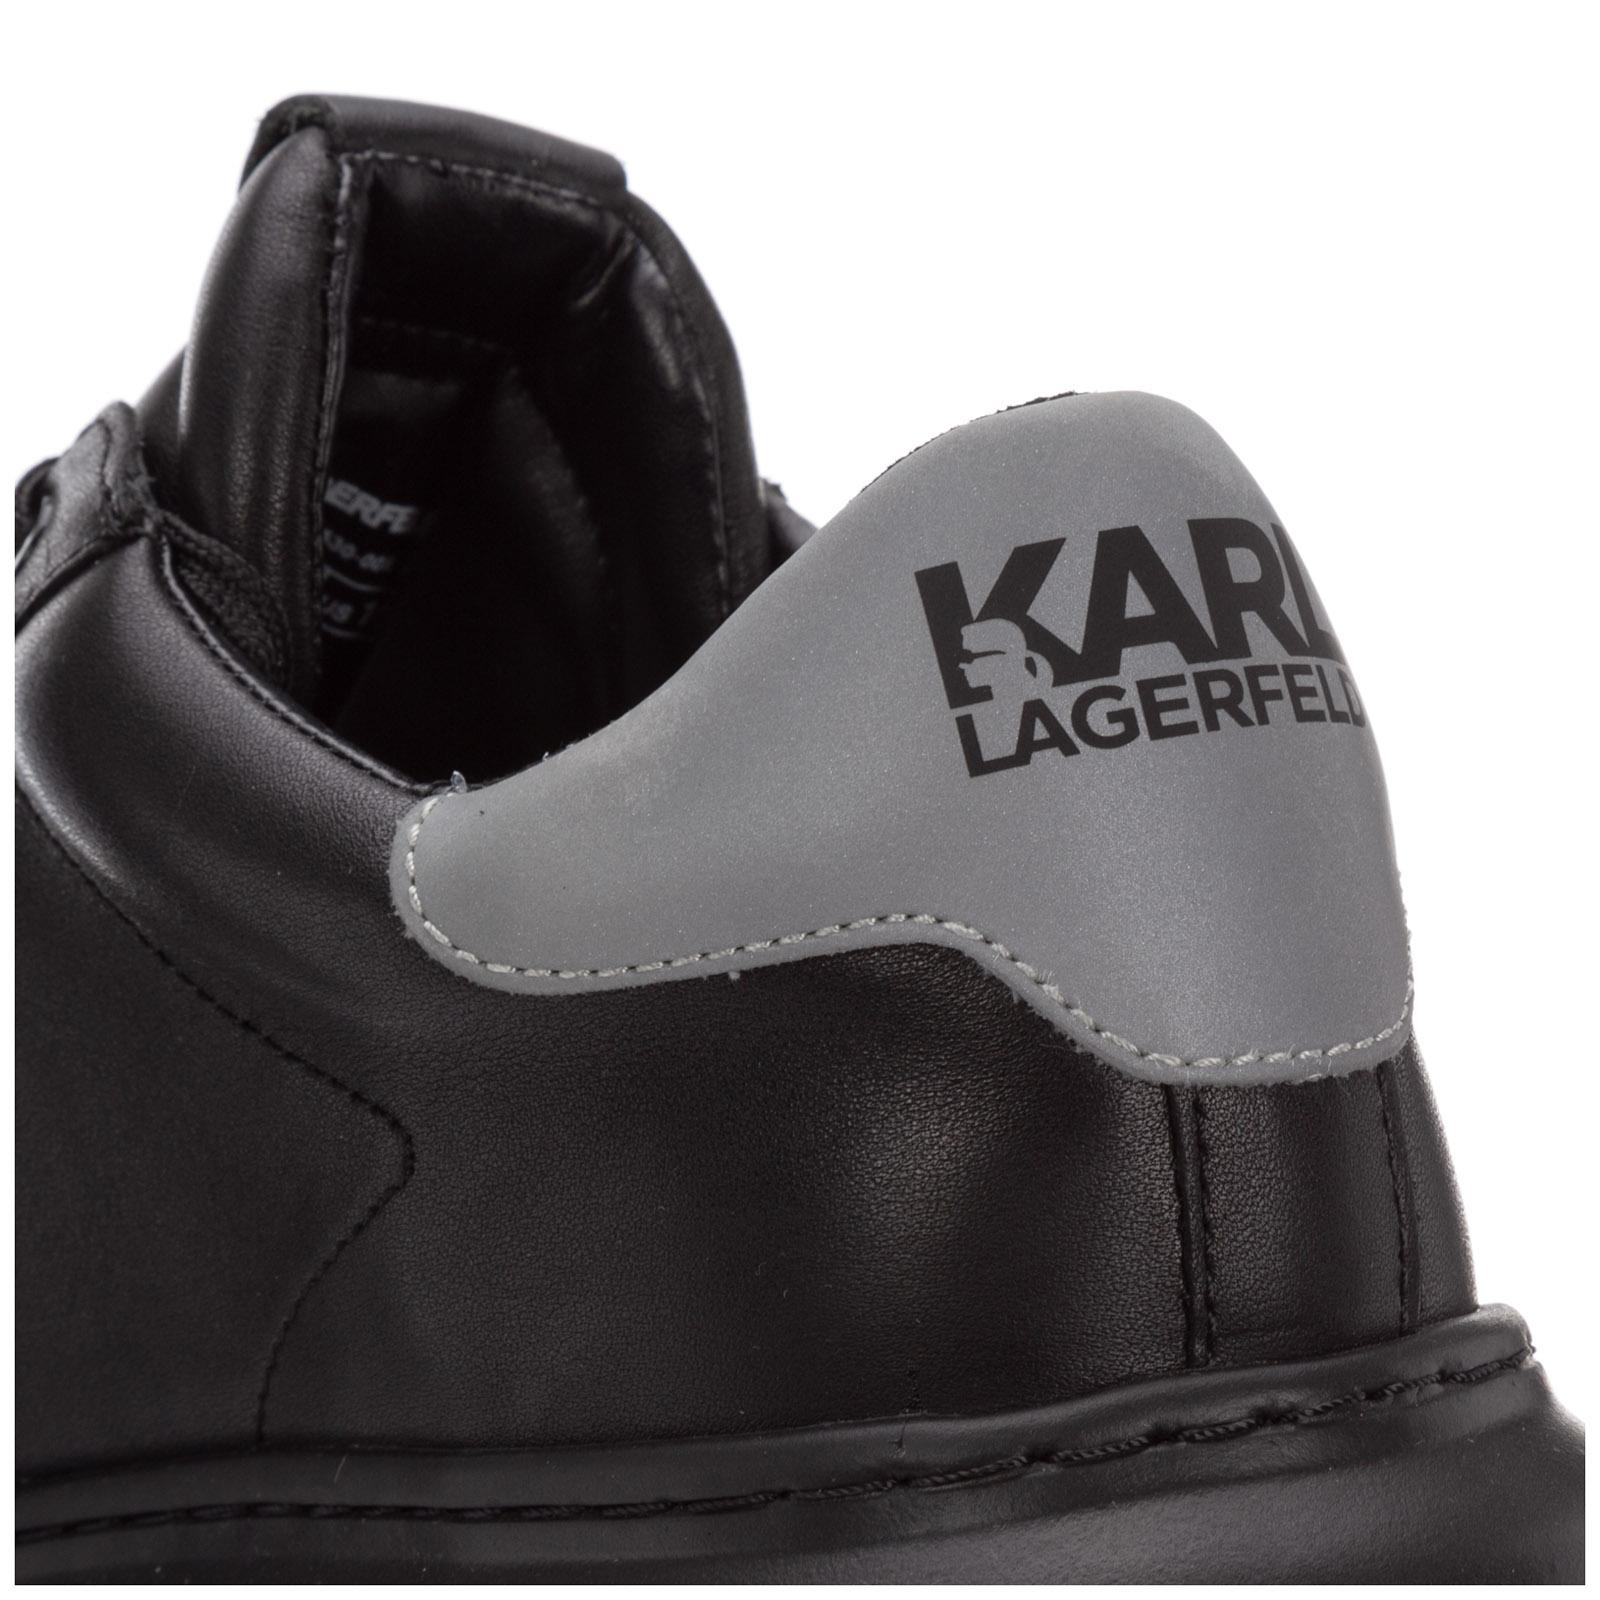 Herrenschuhe herren leder schuhe sneakers kikonik kapri